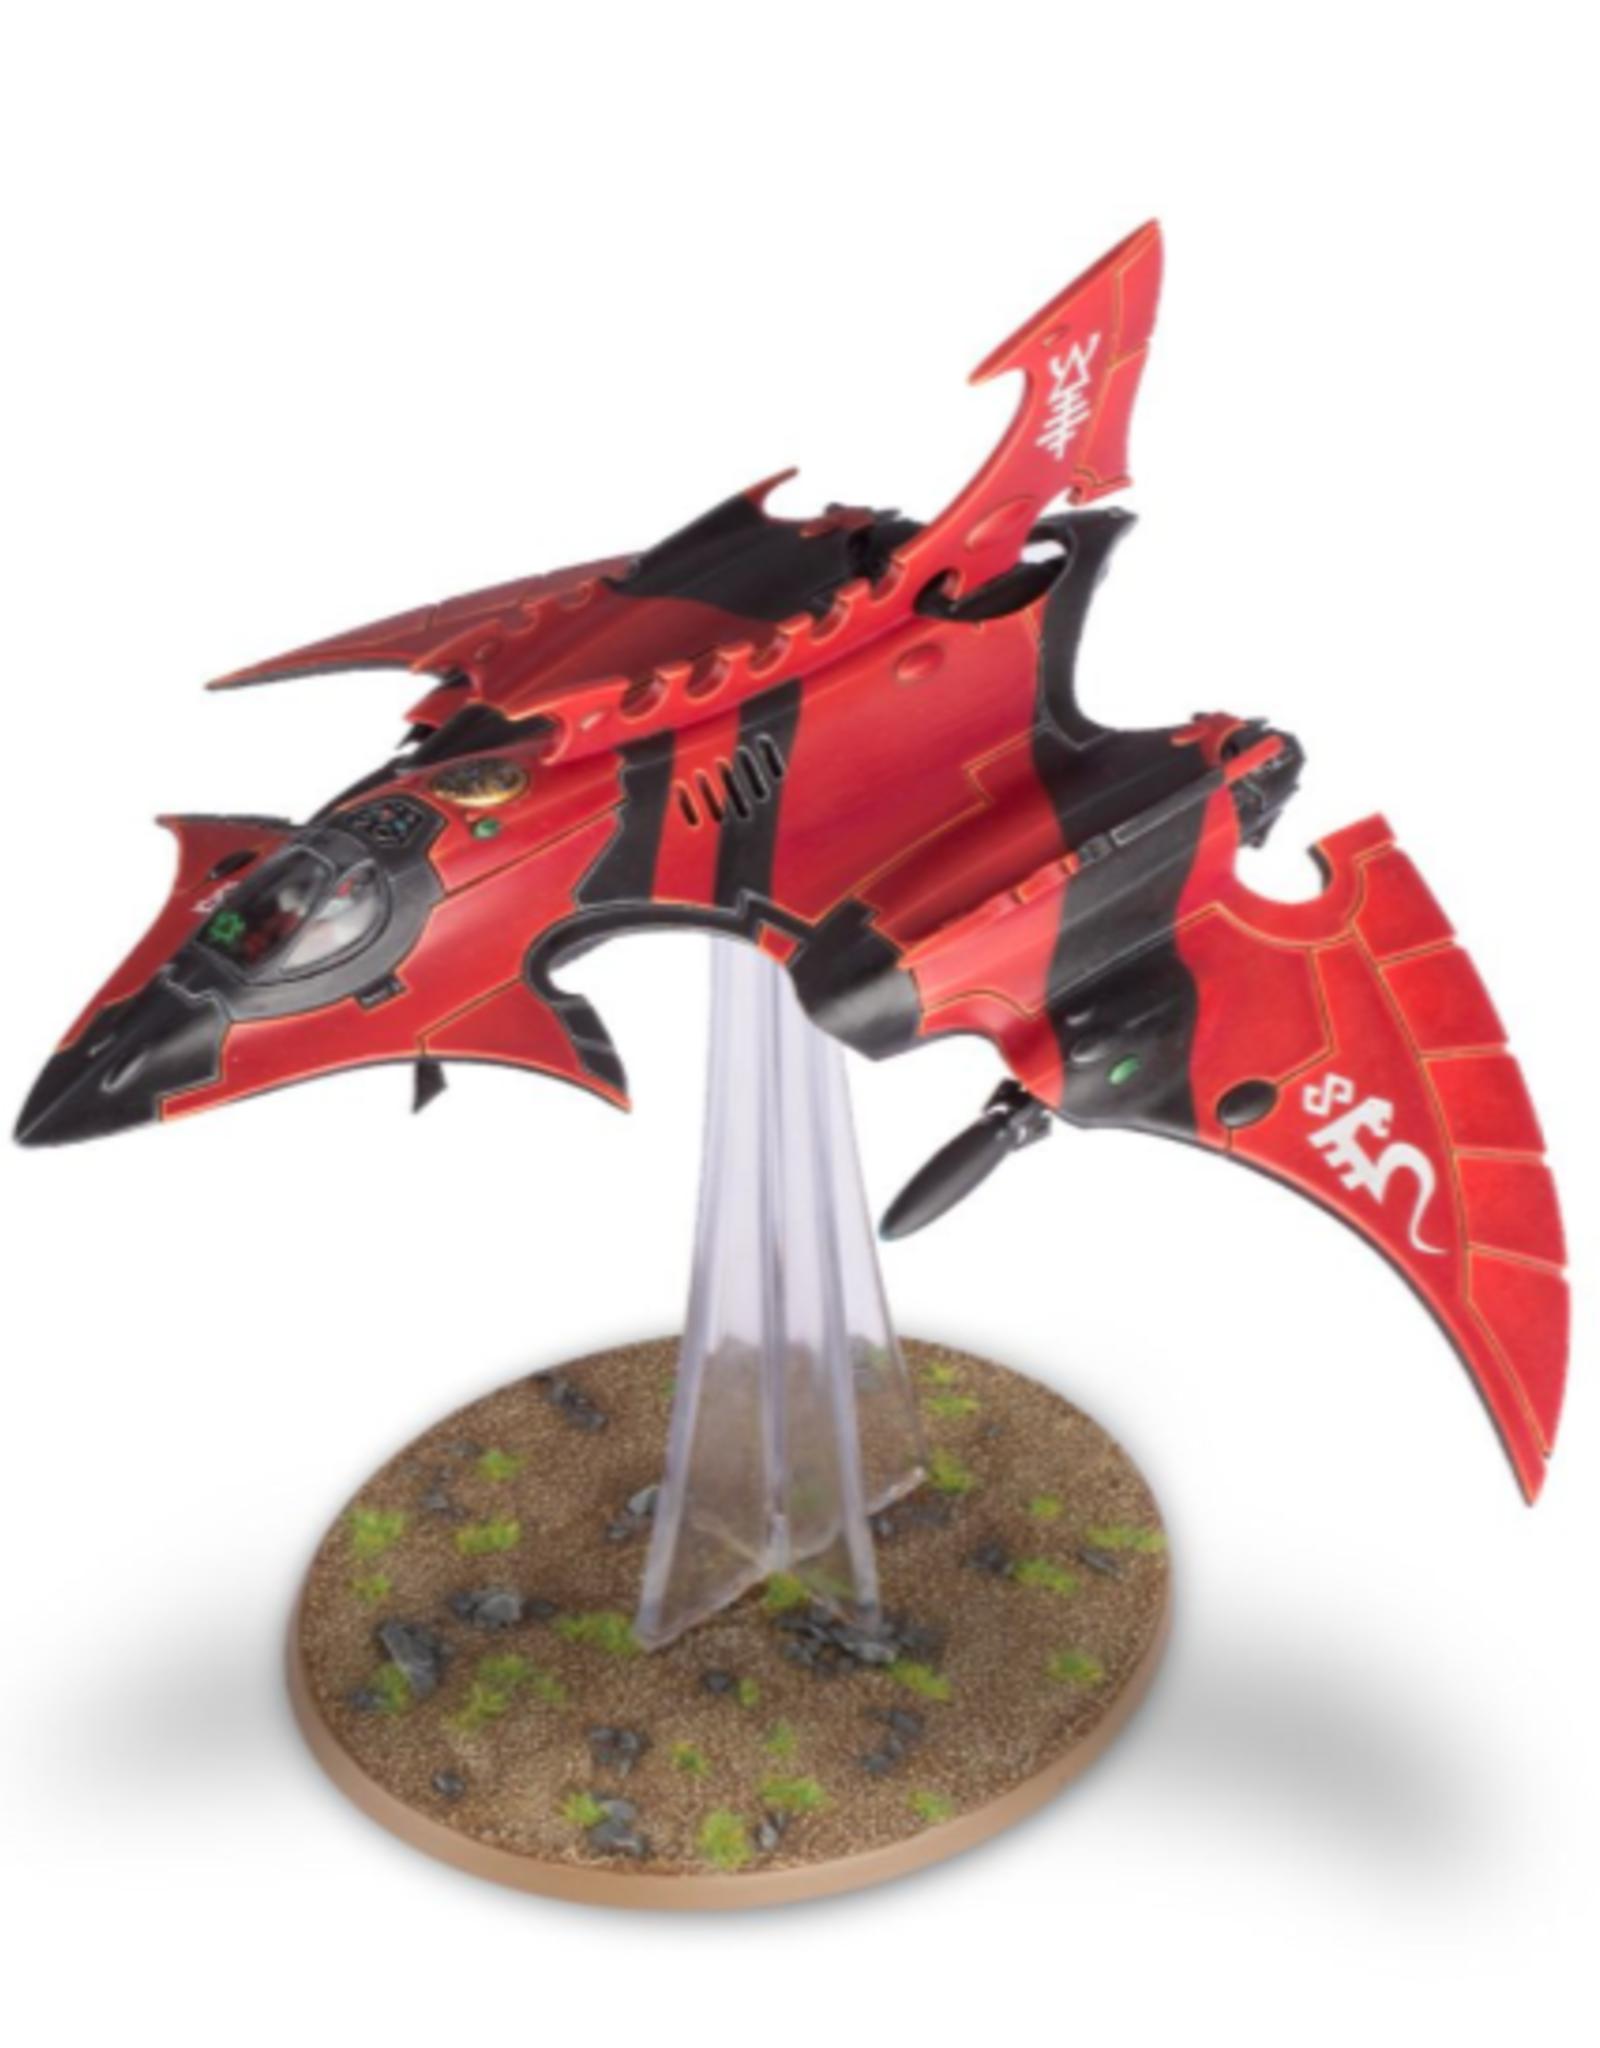 Games Workshop Craftworlds Hemlock Wraithfighter